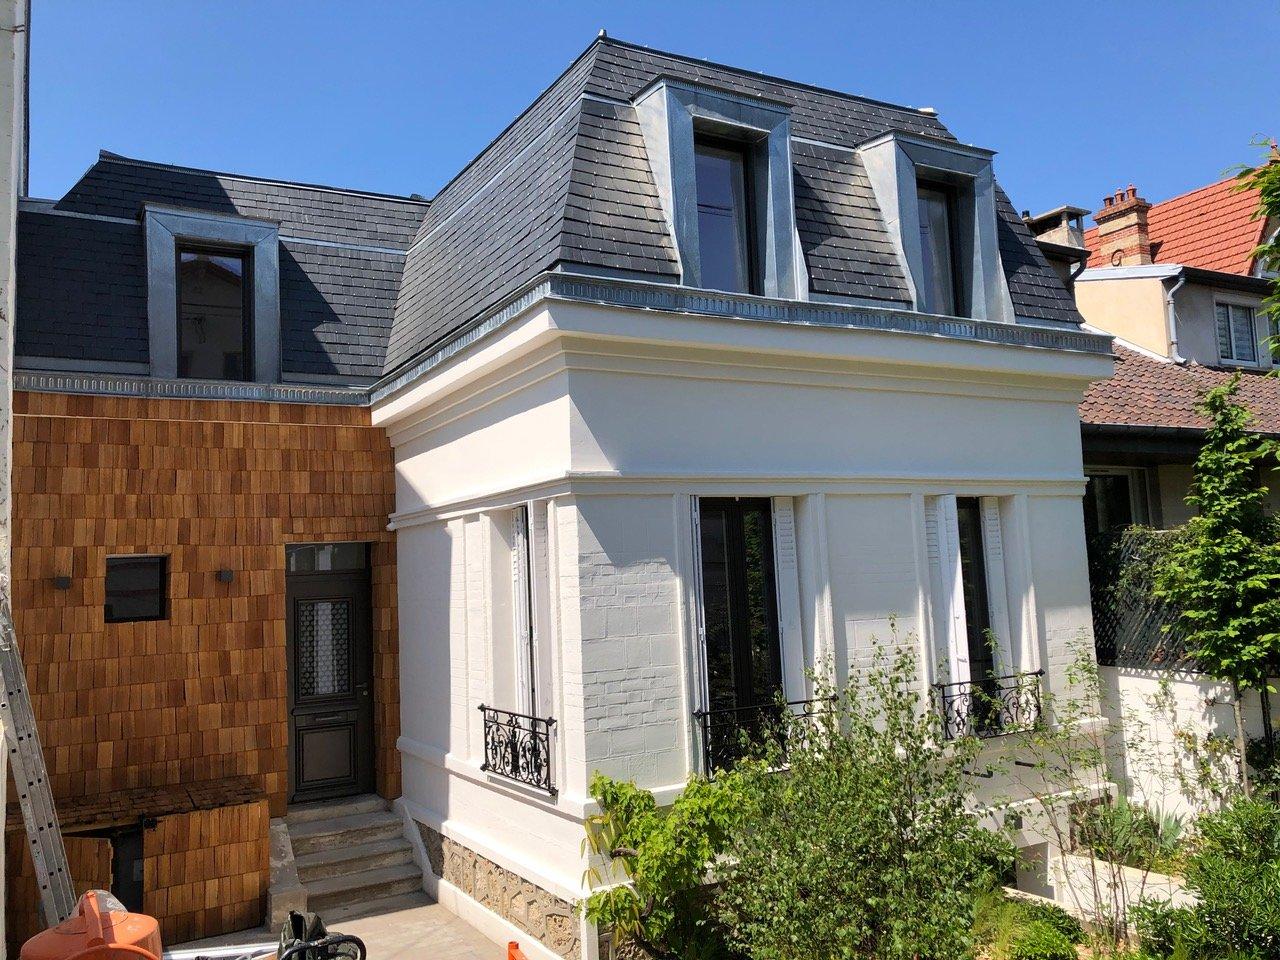 Chatou bas, dans le triangle d'or, maison ancienne rénovée au calme, à 8 min à pied de la gare.